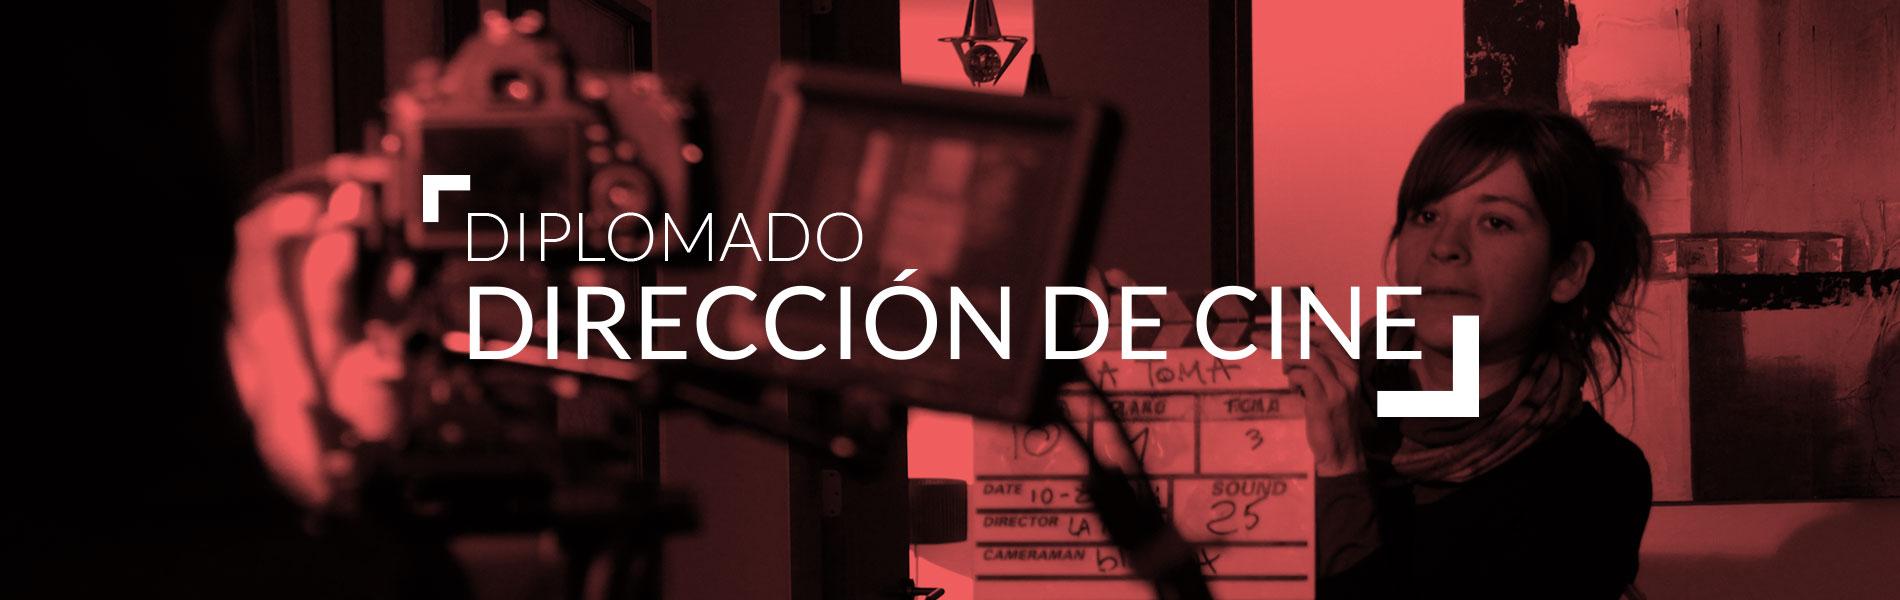 Diplomado de Dirección De Cine